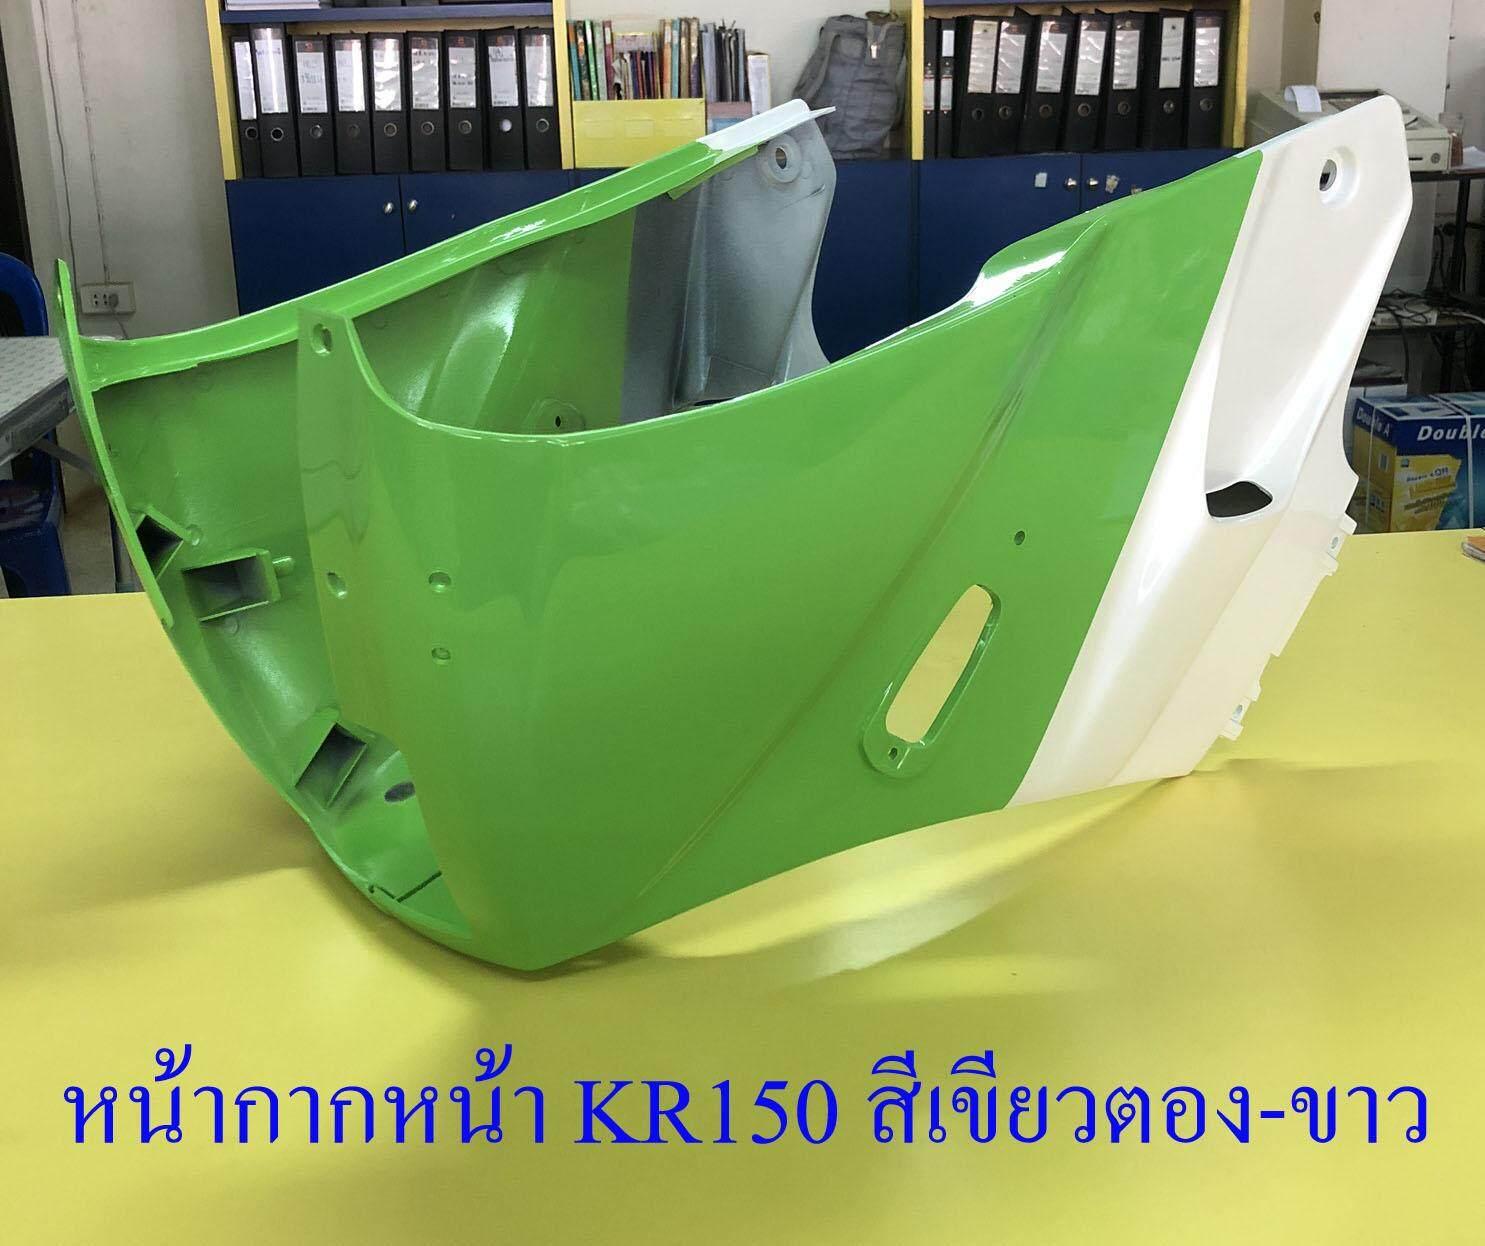 หน้ากากหน้า KR150 สีเขียวตอง-ขาว